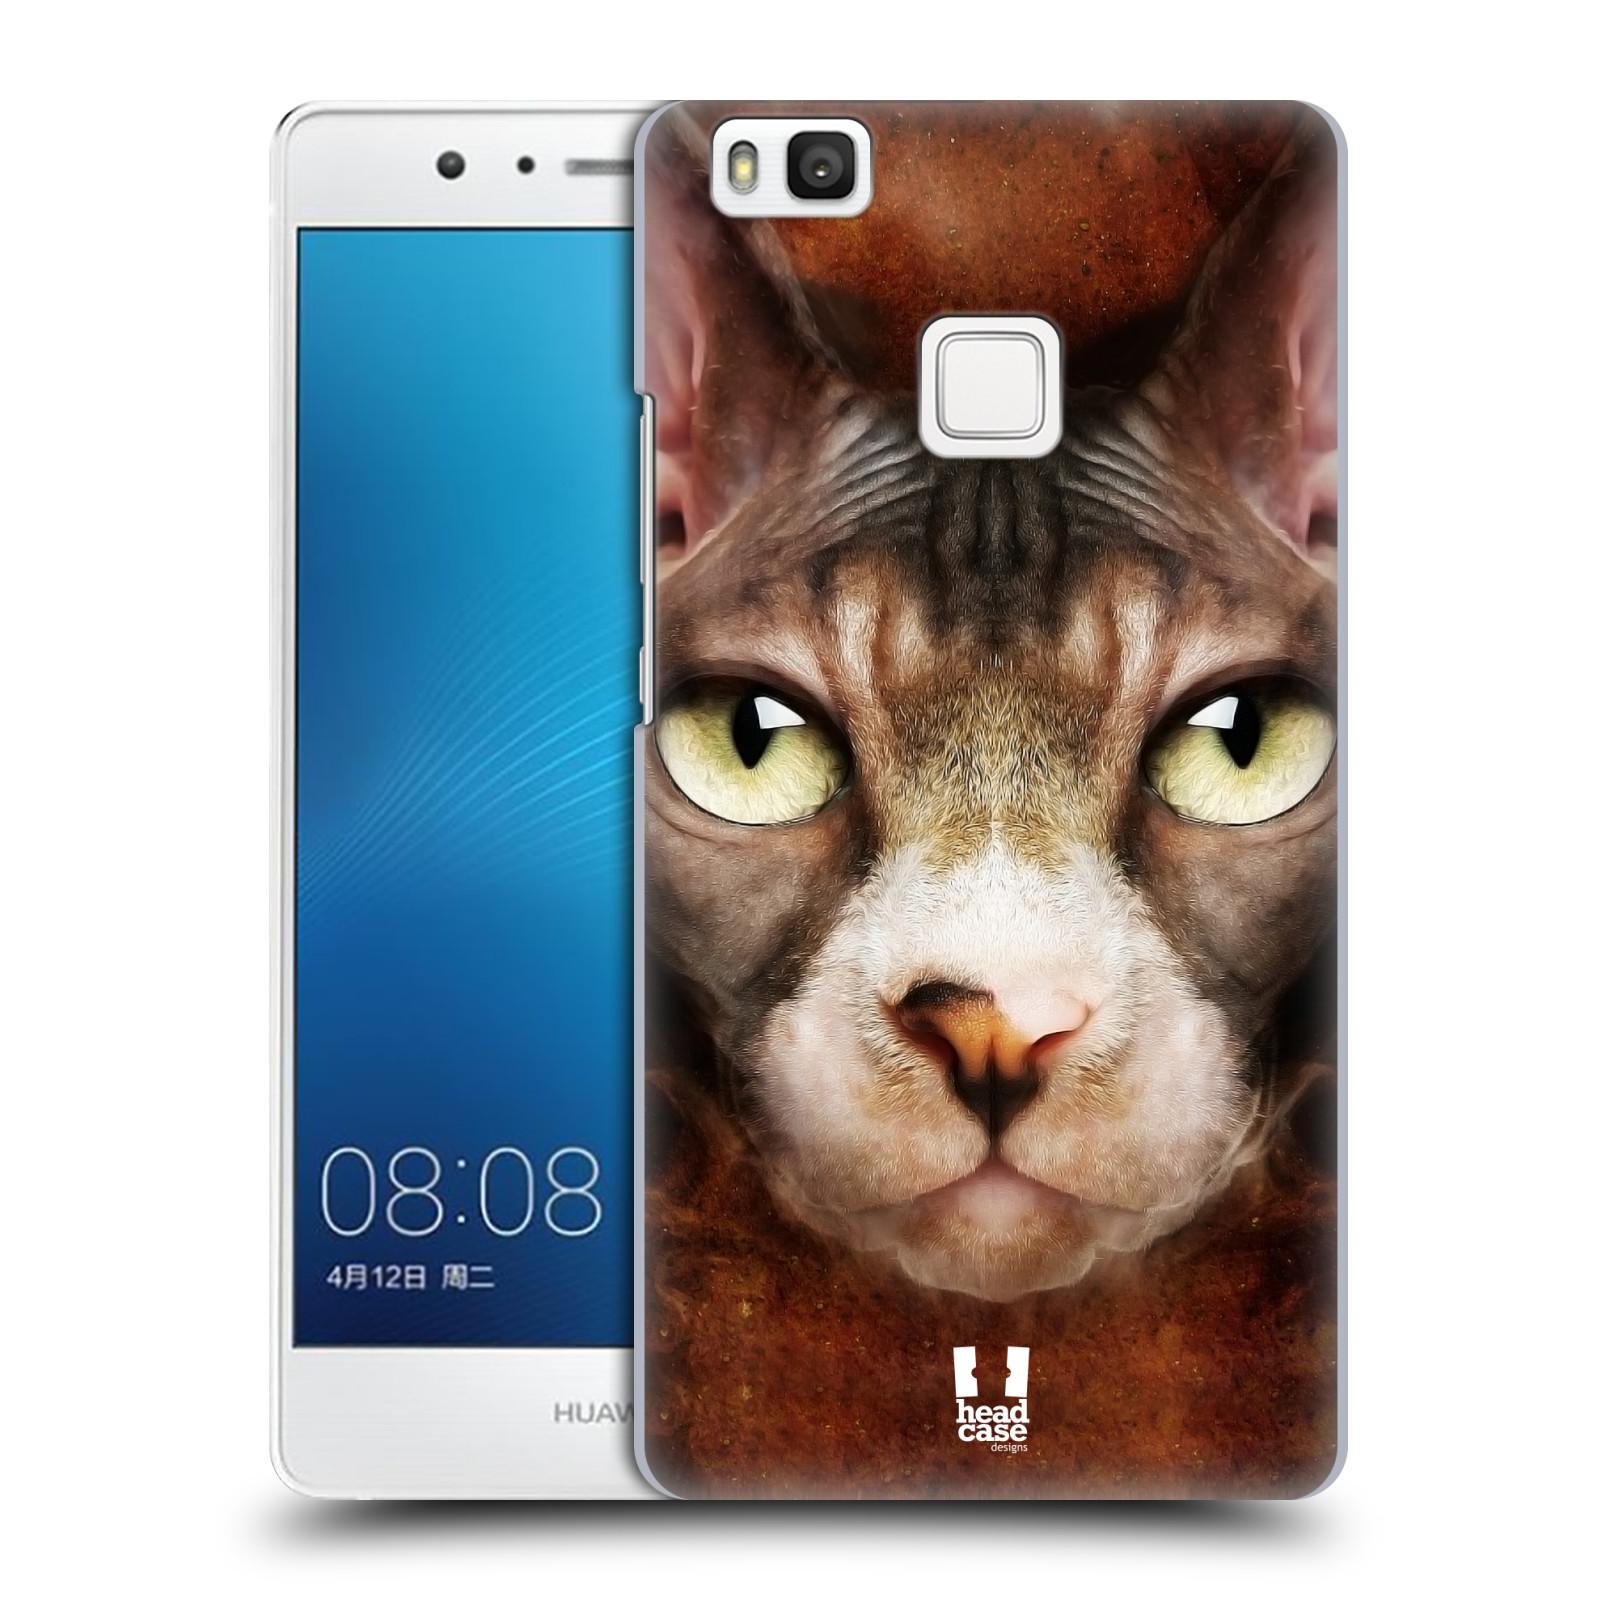 HEAD CASE plastový obal na mobil Huawei P9 LITE / P9 LITE DUAL SIM vzor Zvířecí tváře kočka sphynx